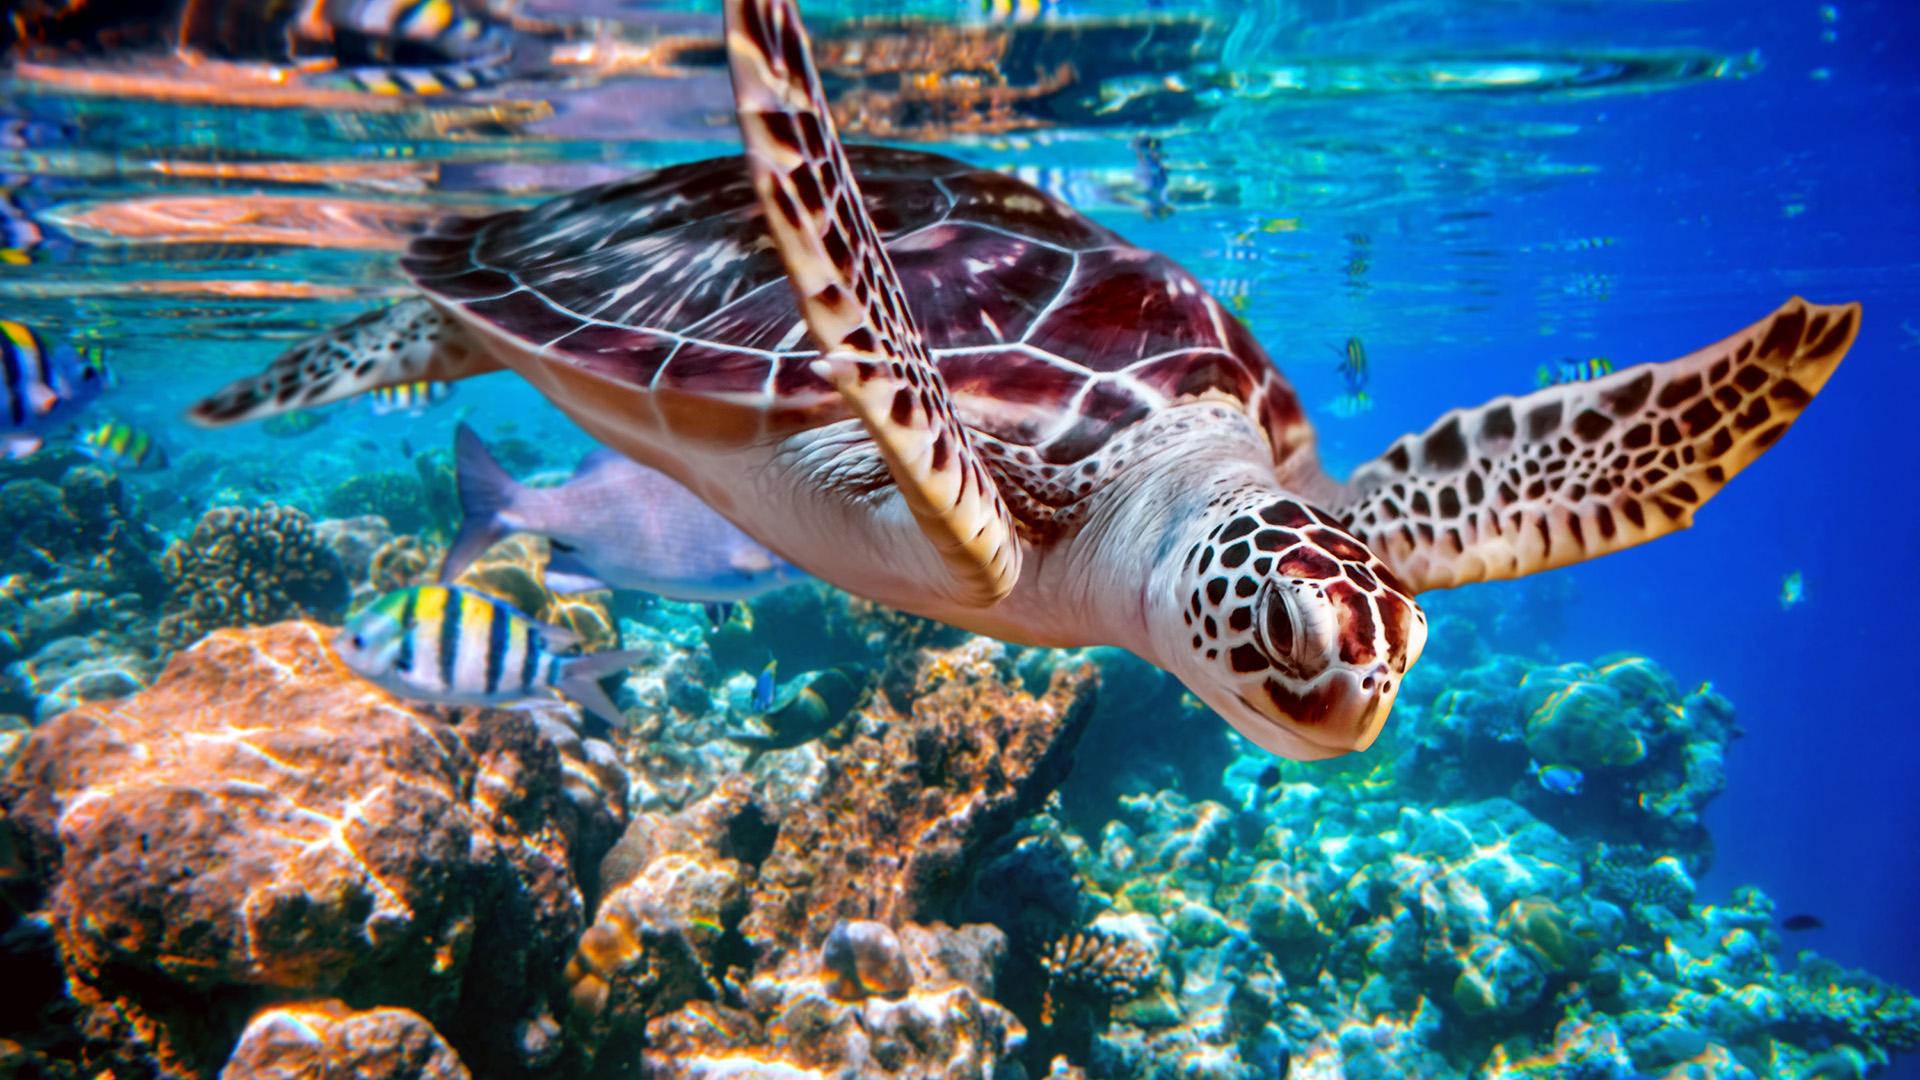 Rüyada Dev Kaplumbağa Görmek ve Beslemek